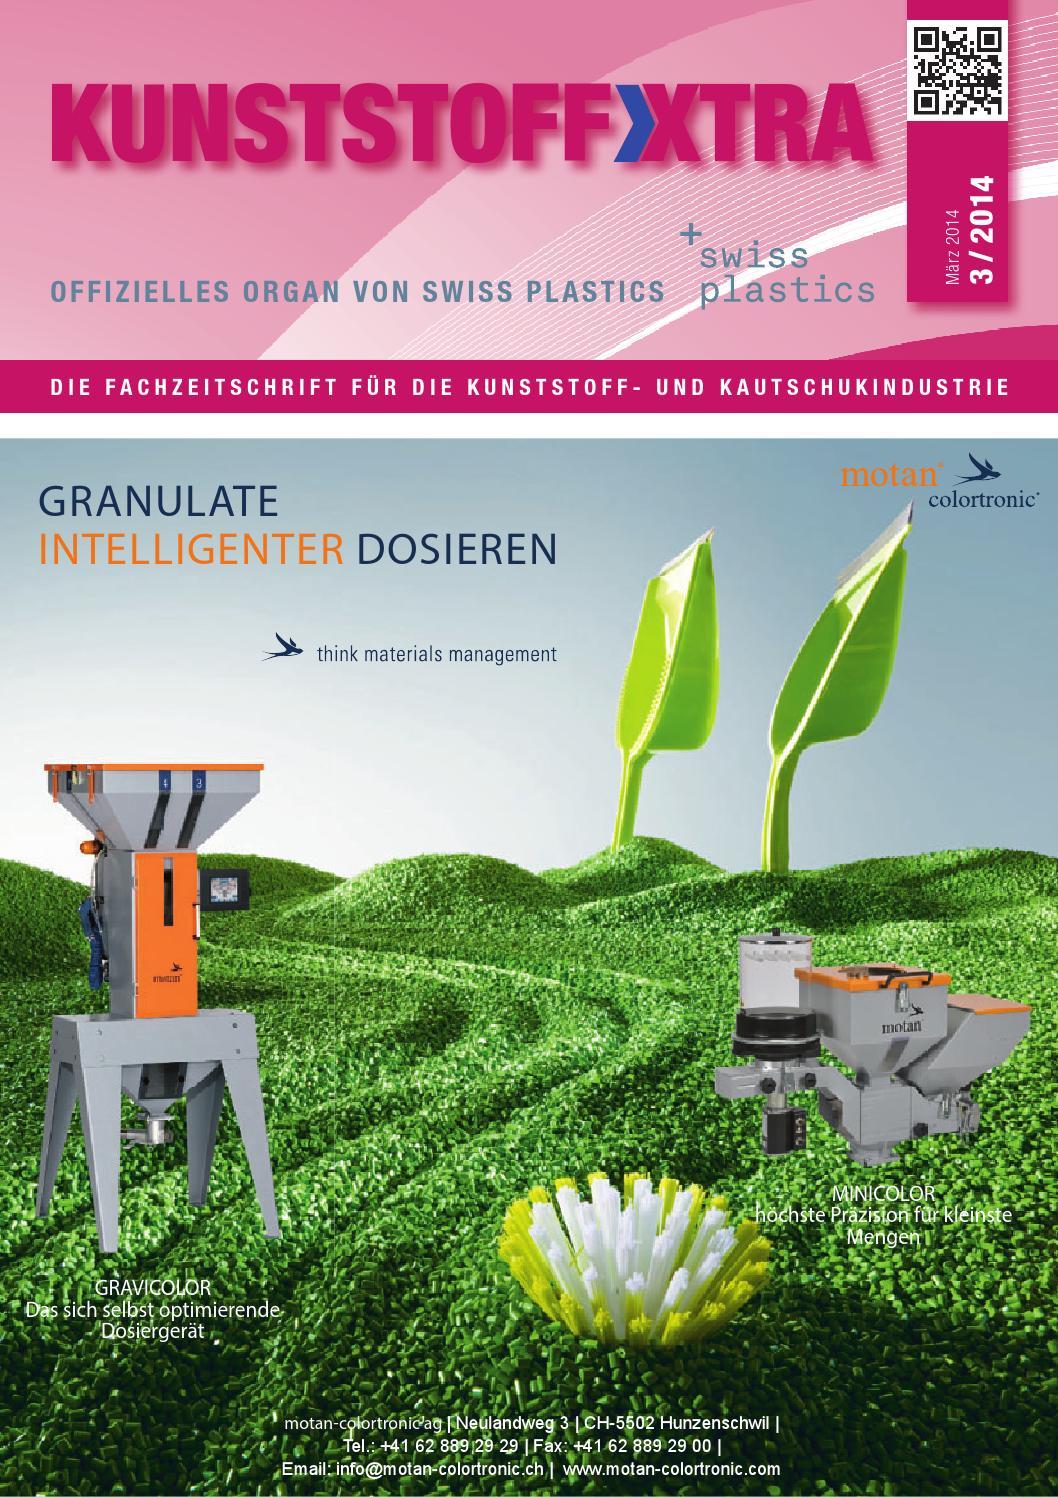 84894 kunststoffxtra broschüre 0314 by SIGWERB GmbH - issuu